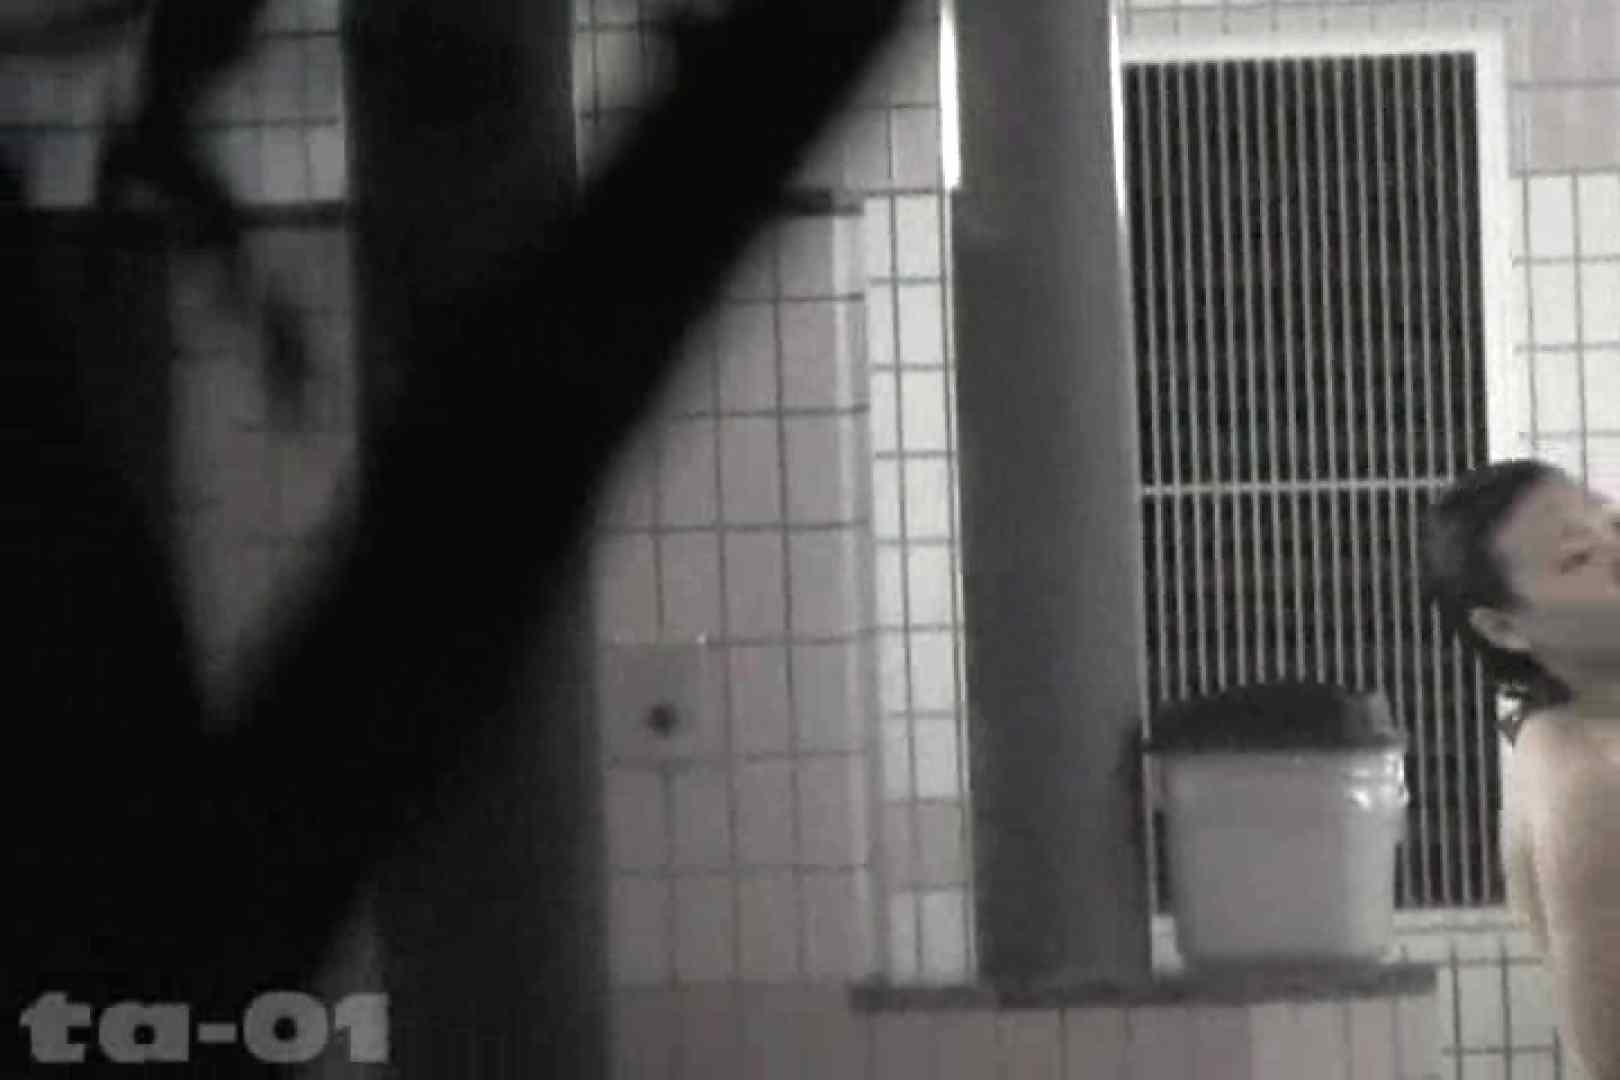 合宿ホテル女風呂盗撮高画質版 Vol.01 いやらしいOL 性交動画流出 59連発 26